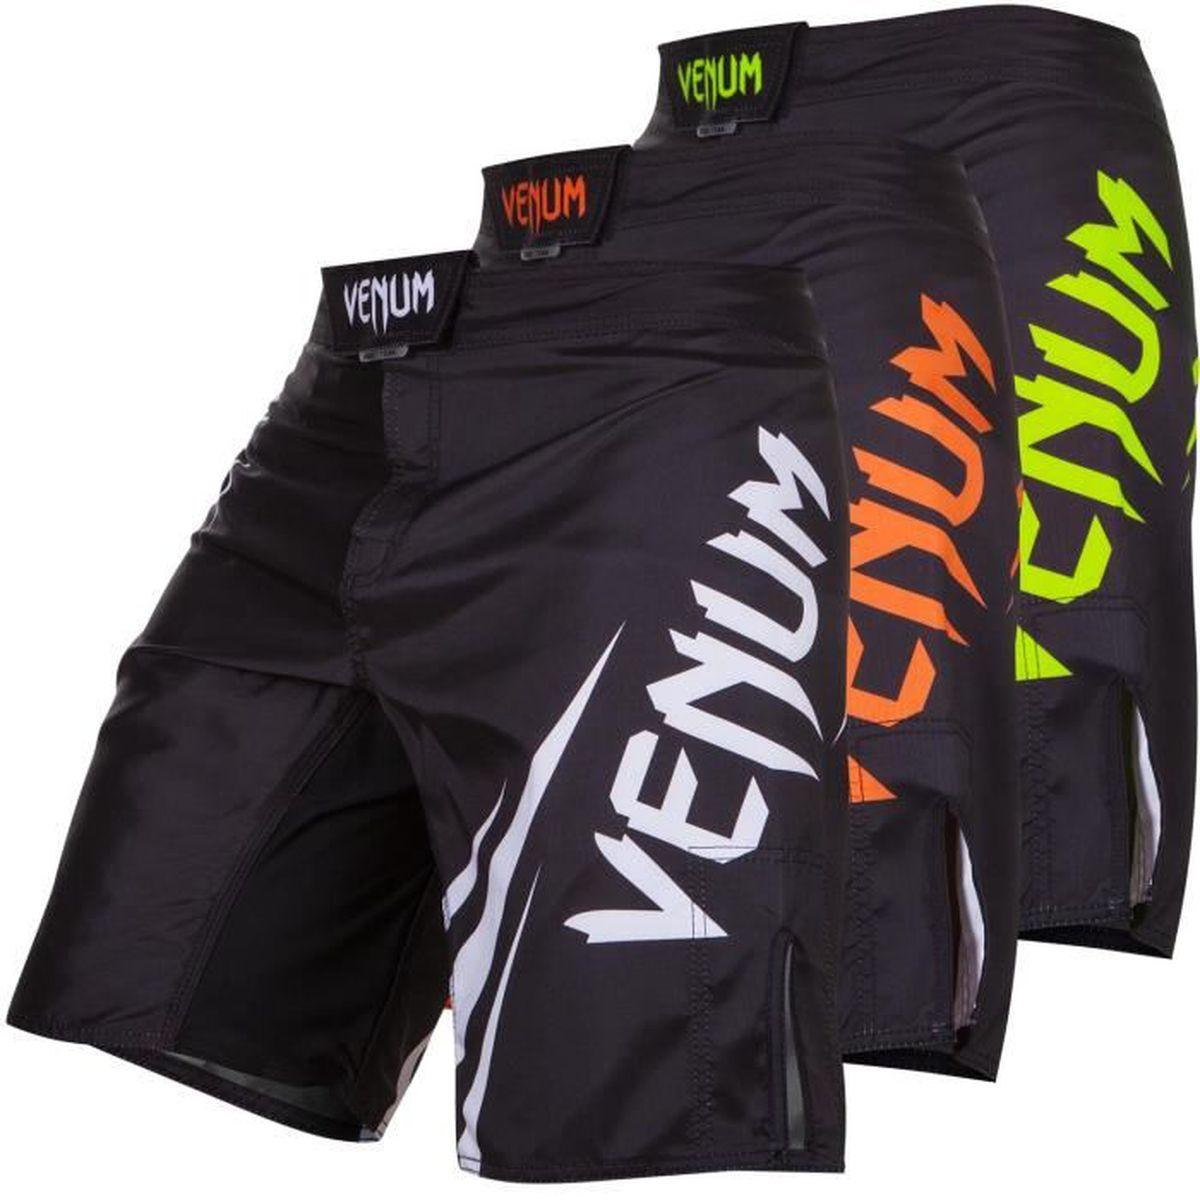 Noir, Venum Challenger V.06 Kit de Mma Mixte Adulte